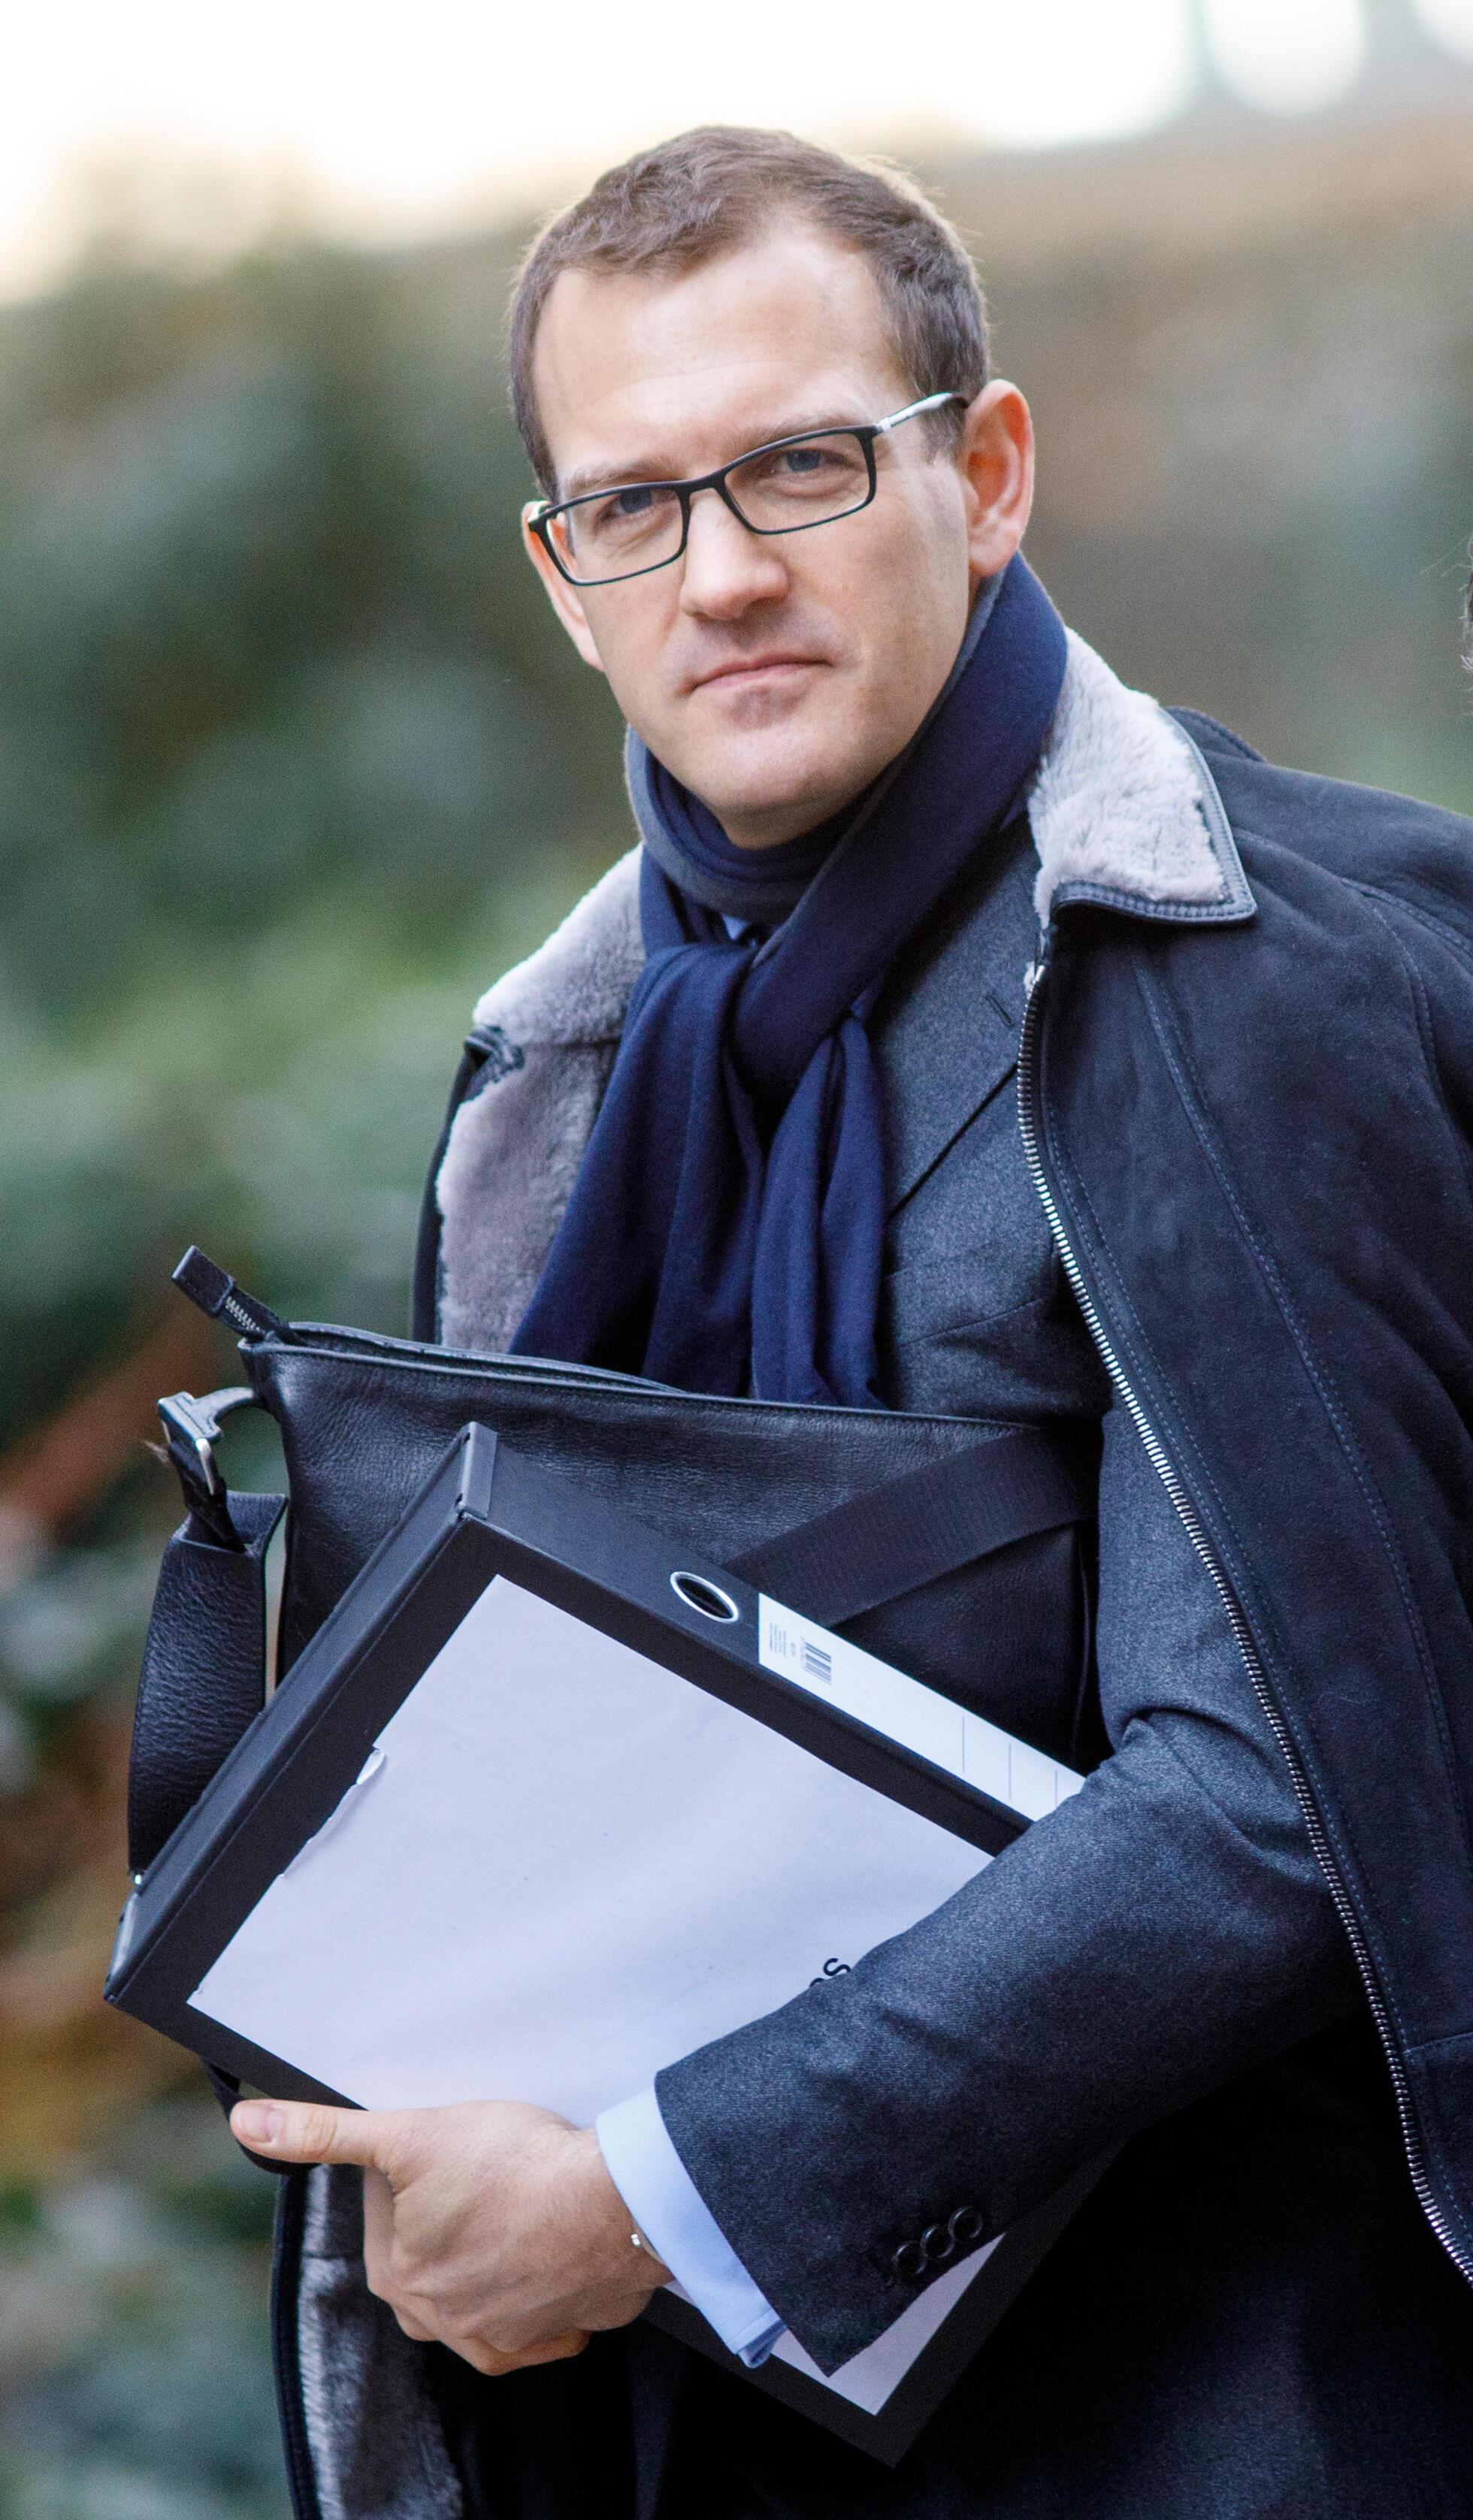 Le 8 mars 2018, Daniel Kretinsky, président du groupe énergétique EPH, à l'occasion d'une table ronde des chefs d'entreprise européens à Downing Street, Londres. Daniel Kretinsky est copropriétaire du groupe tchèque de médias Czech Media Invest (CMI).